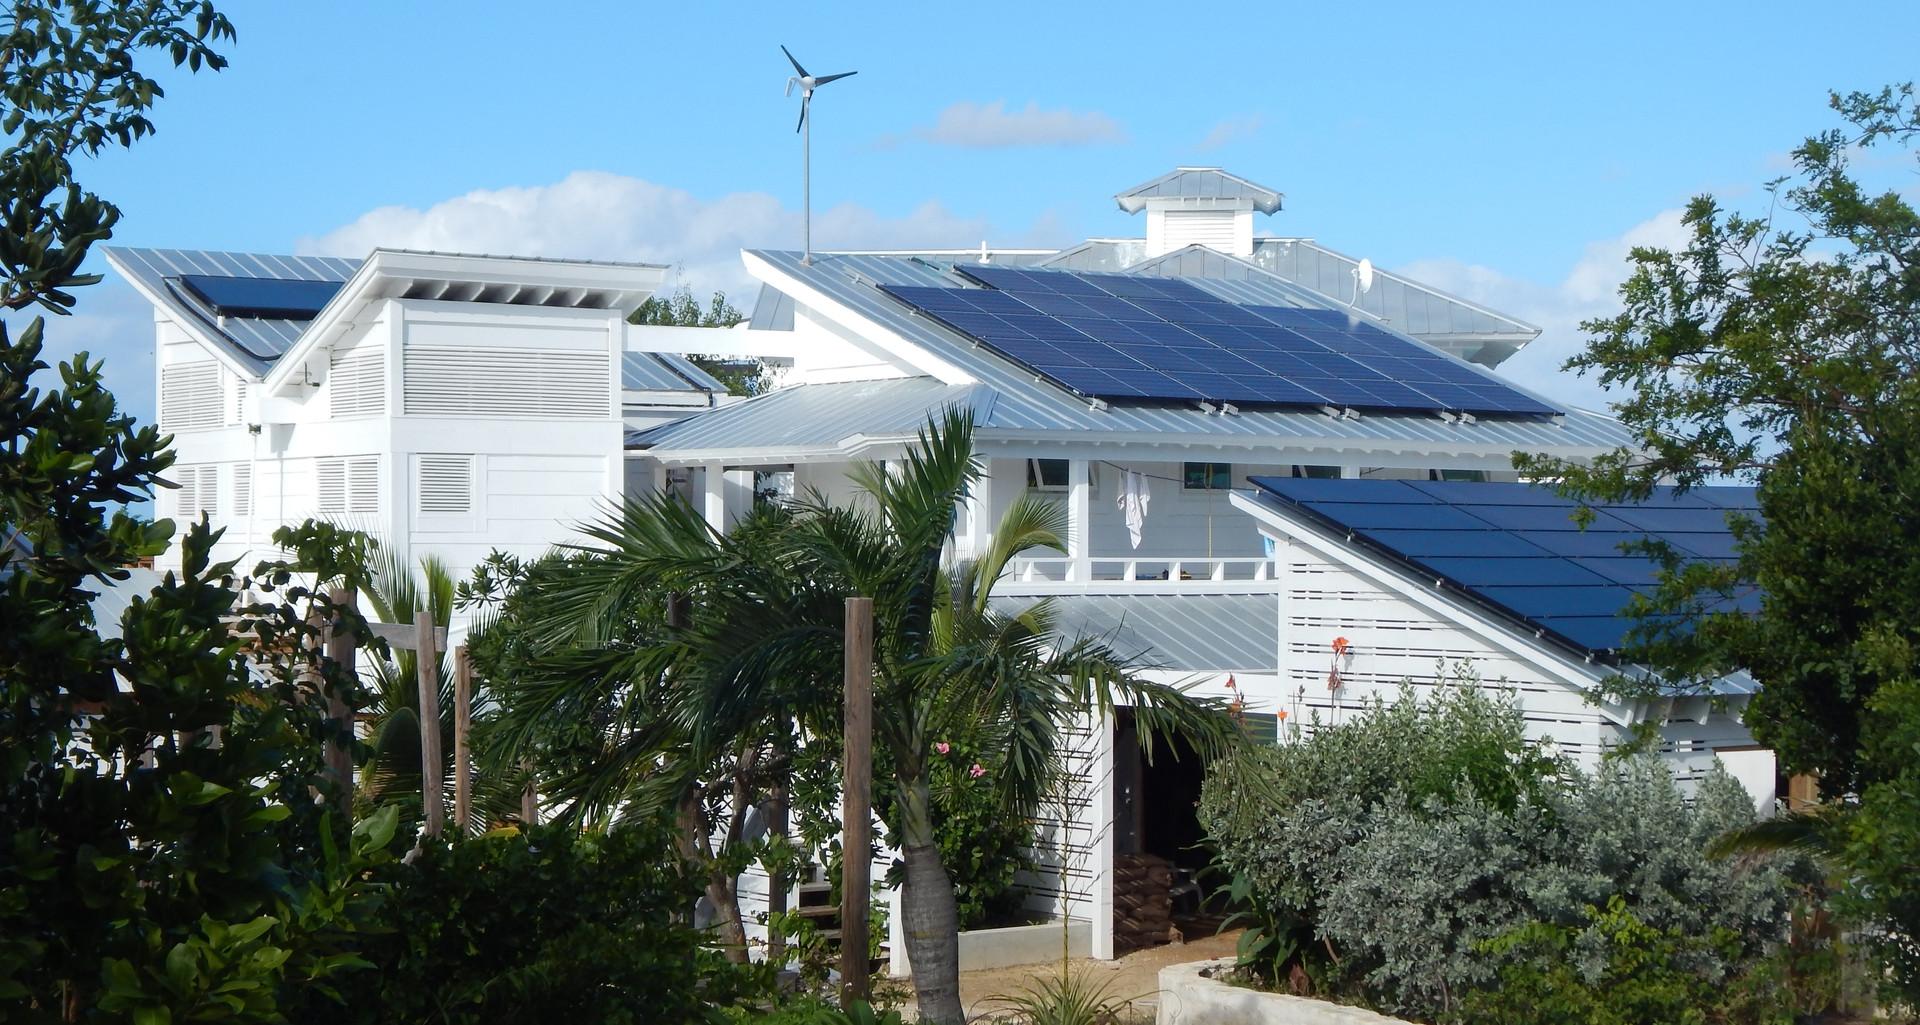 STAR Island Solar Power Array